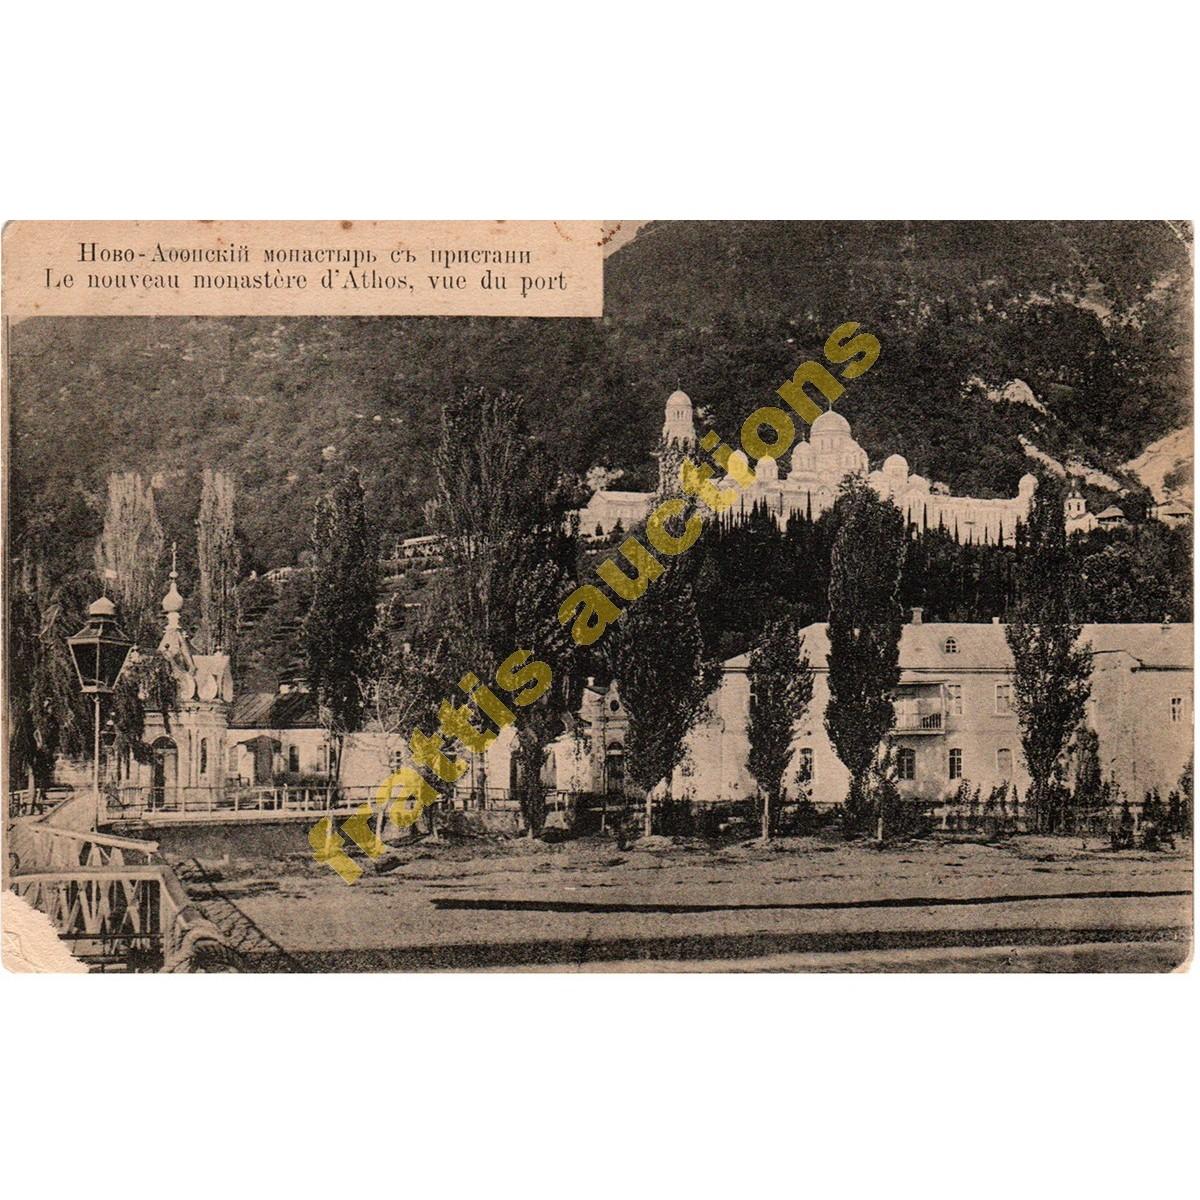 Ι.Μ. ΑΓΙΟΥ ΠΑΝΤΕΛΕΗΜΩΝΟΣ, Le nouveau monastere d' Athos, vue du port